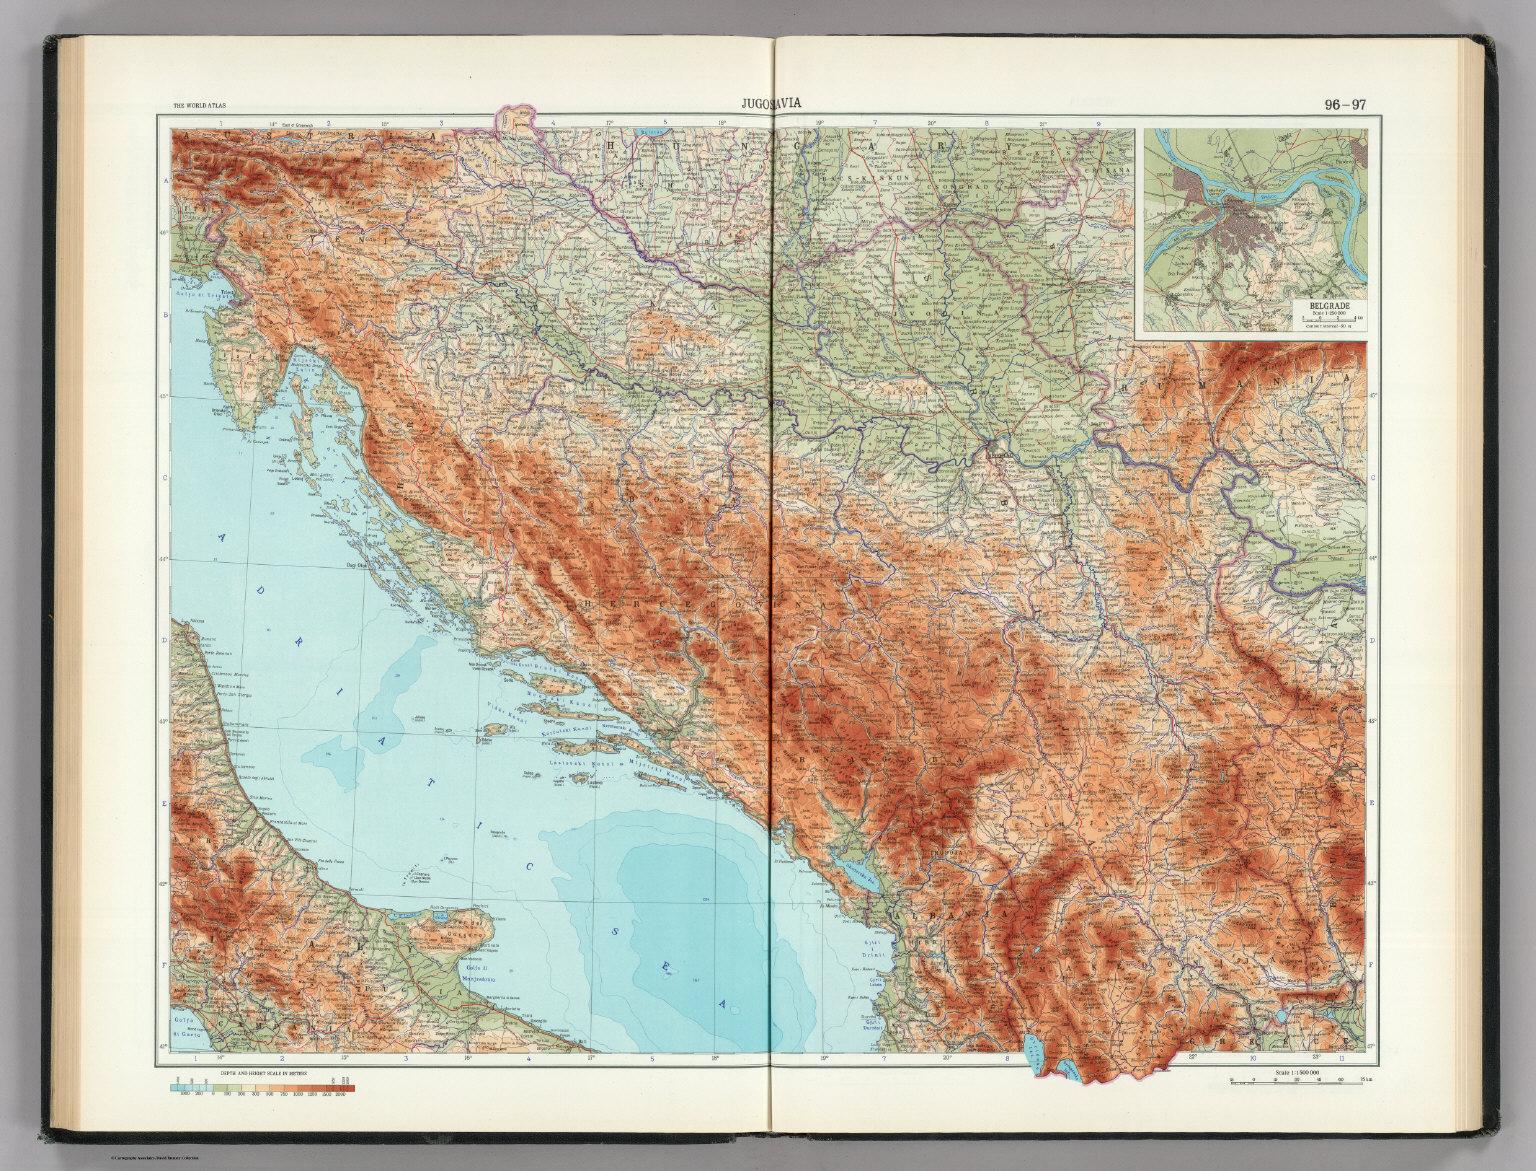 96 97 jugoslavia yugoslavia the world atlas david rumsey yugoslavia the world atlas gumiabroncs Choice Image